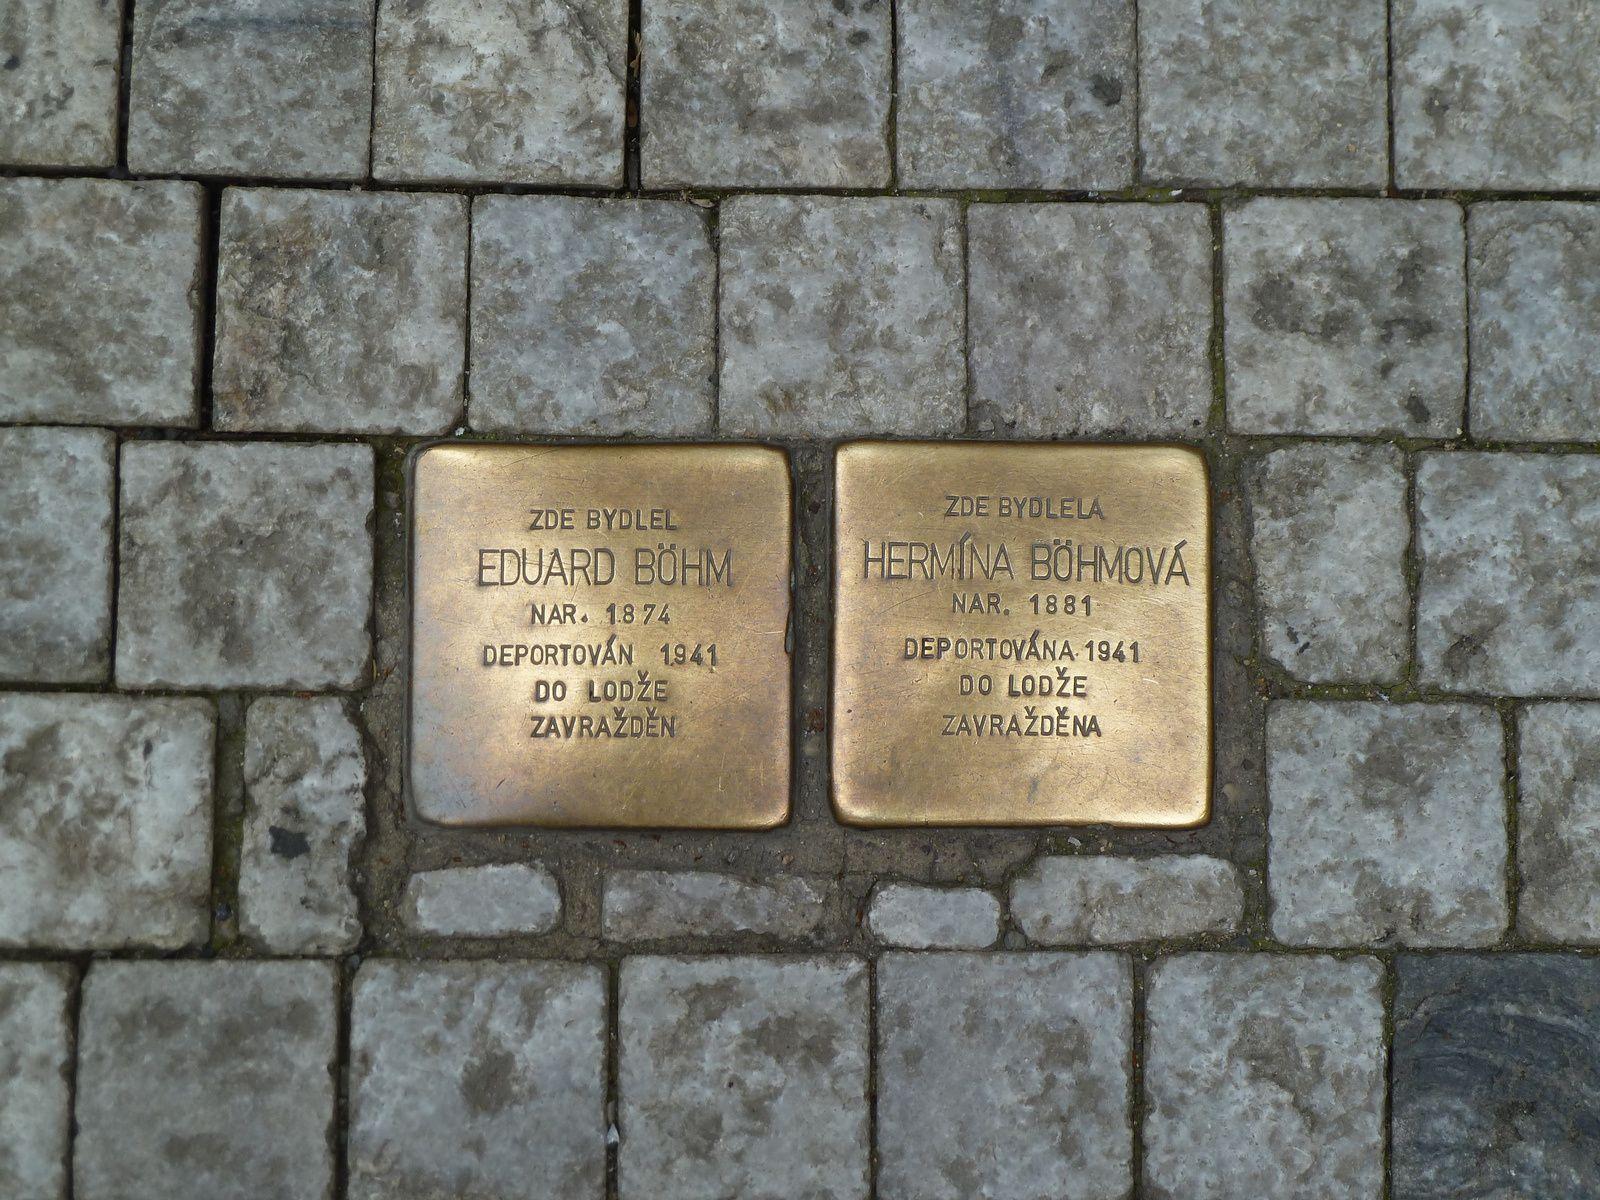 es plaques ont été apposées sur certains trottoirs, en honneur des déportés qui ont vécu dans les maisons contiguës.